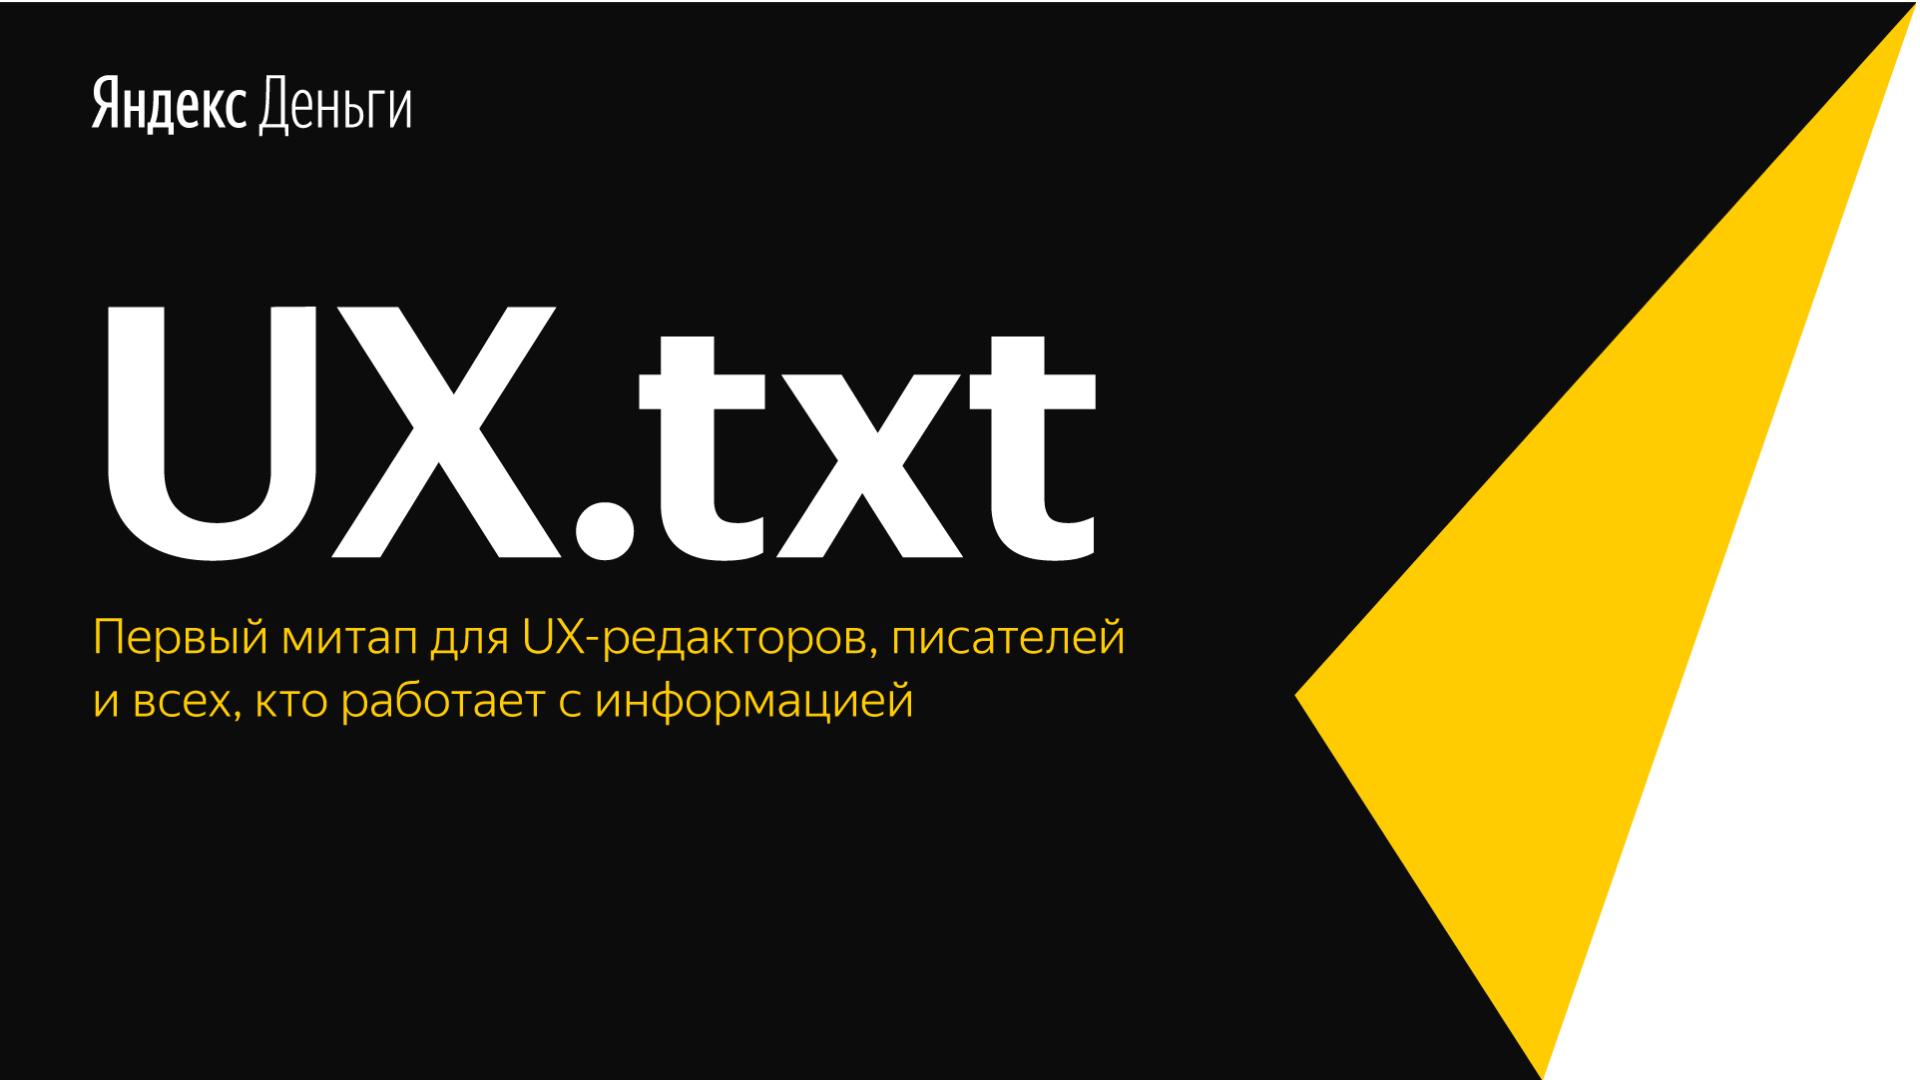 Текст со смыслом: видео с первого митапа для UX-редакторов - 1